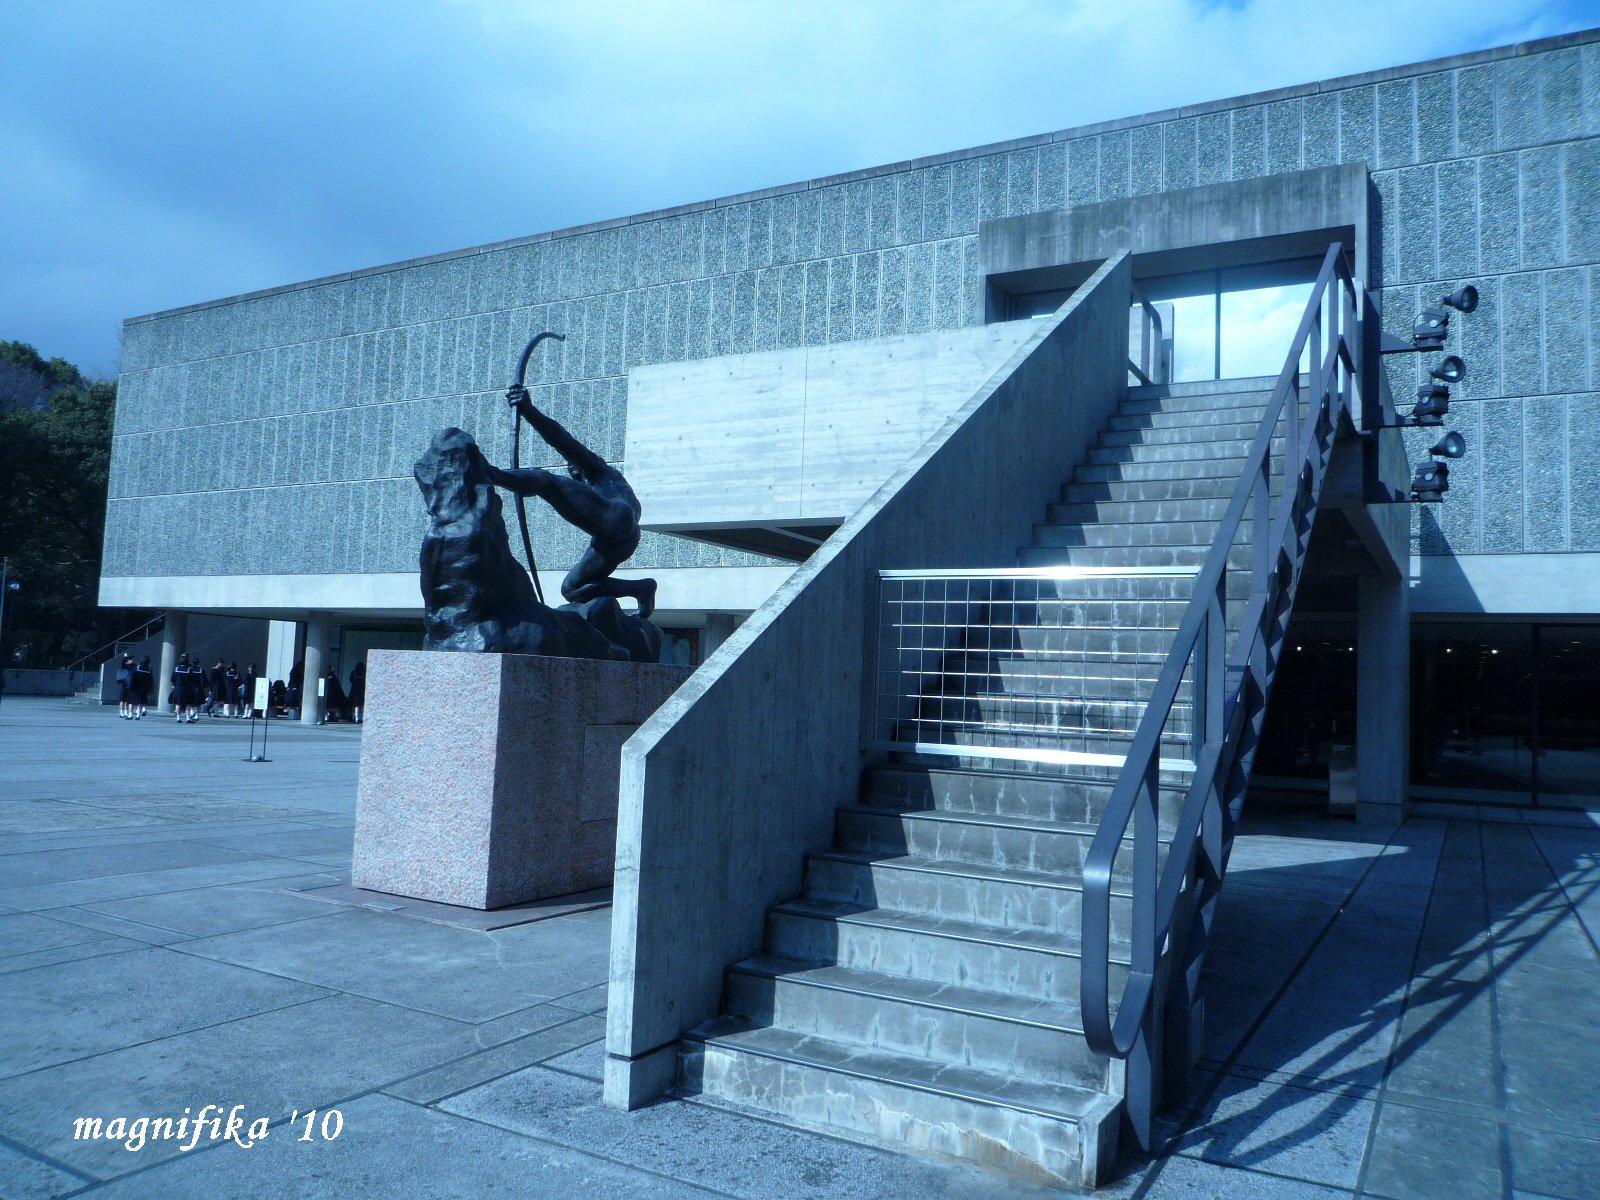 静岡県立美術館 ロダン館-2 Rodin Wing of Shizuoka Pref. Museum _e0140365_2224945.jpg